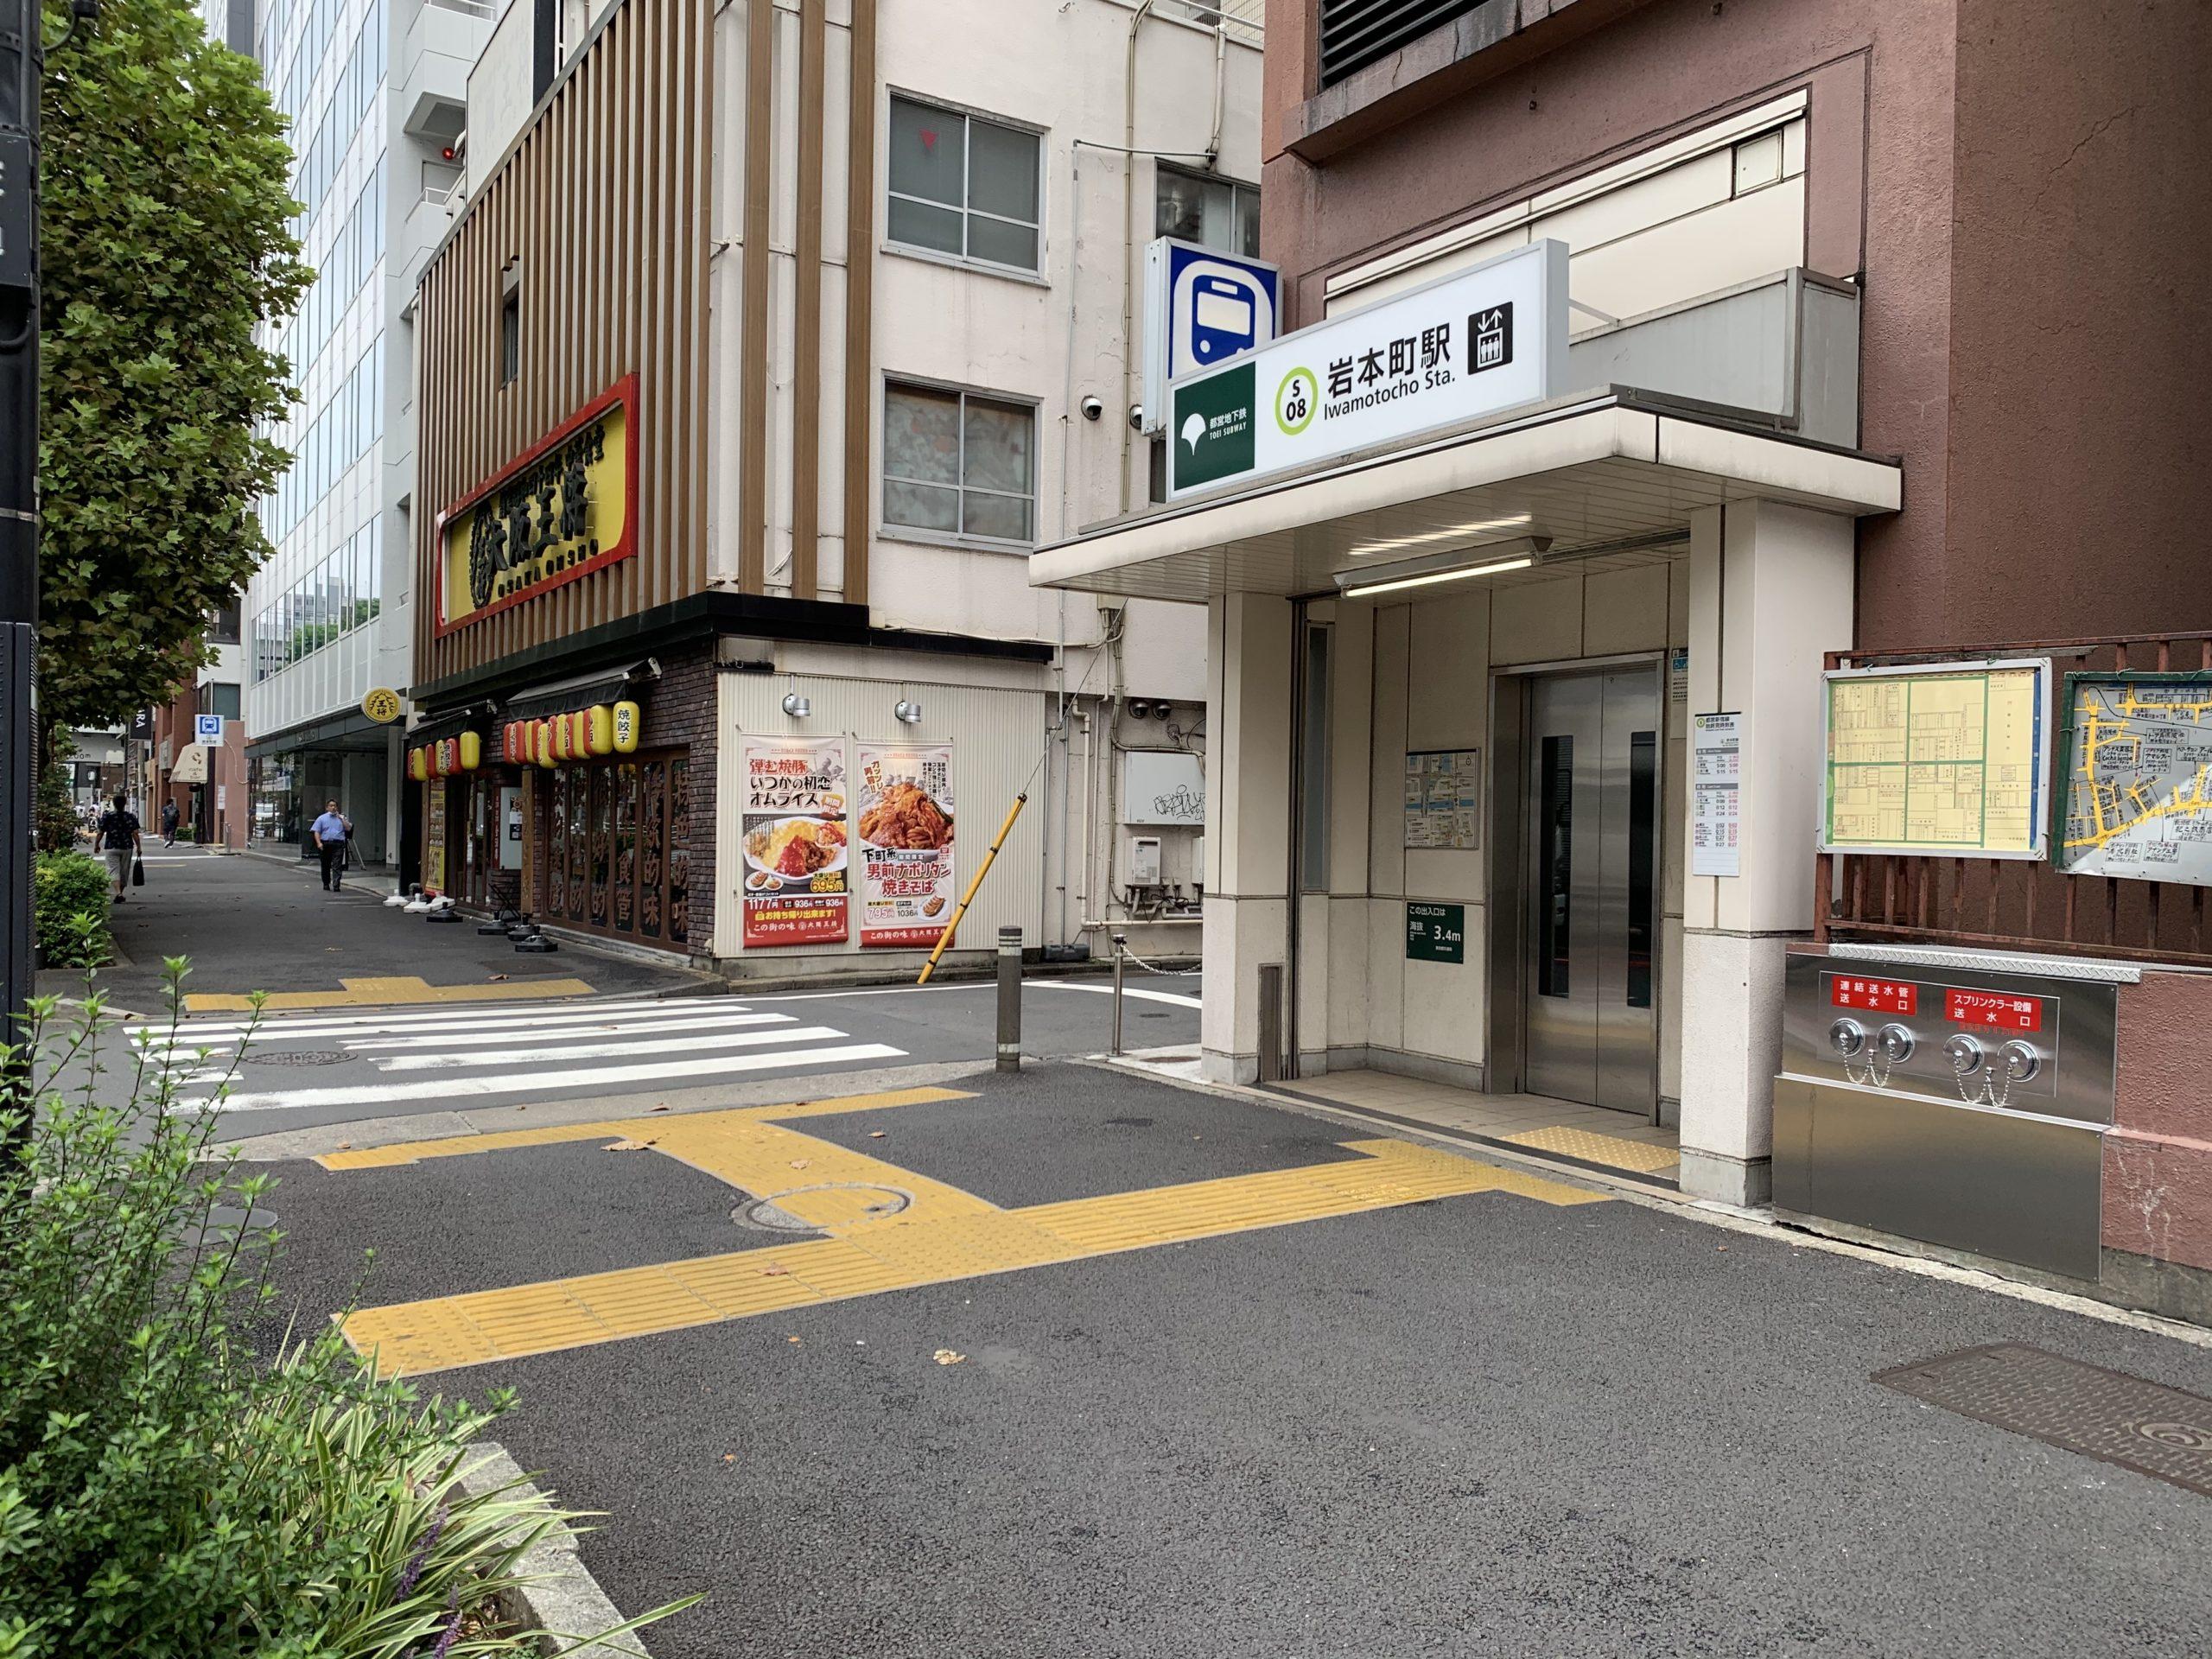 ⑬ 岩本町駅[A6出口]を通り過ぎ、最初の道を右に曲がります